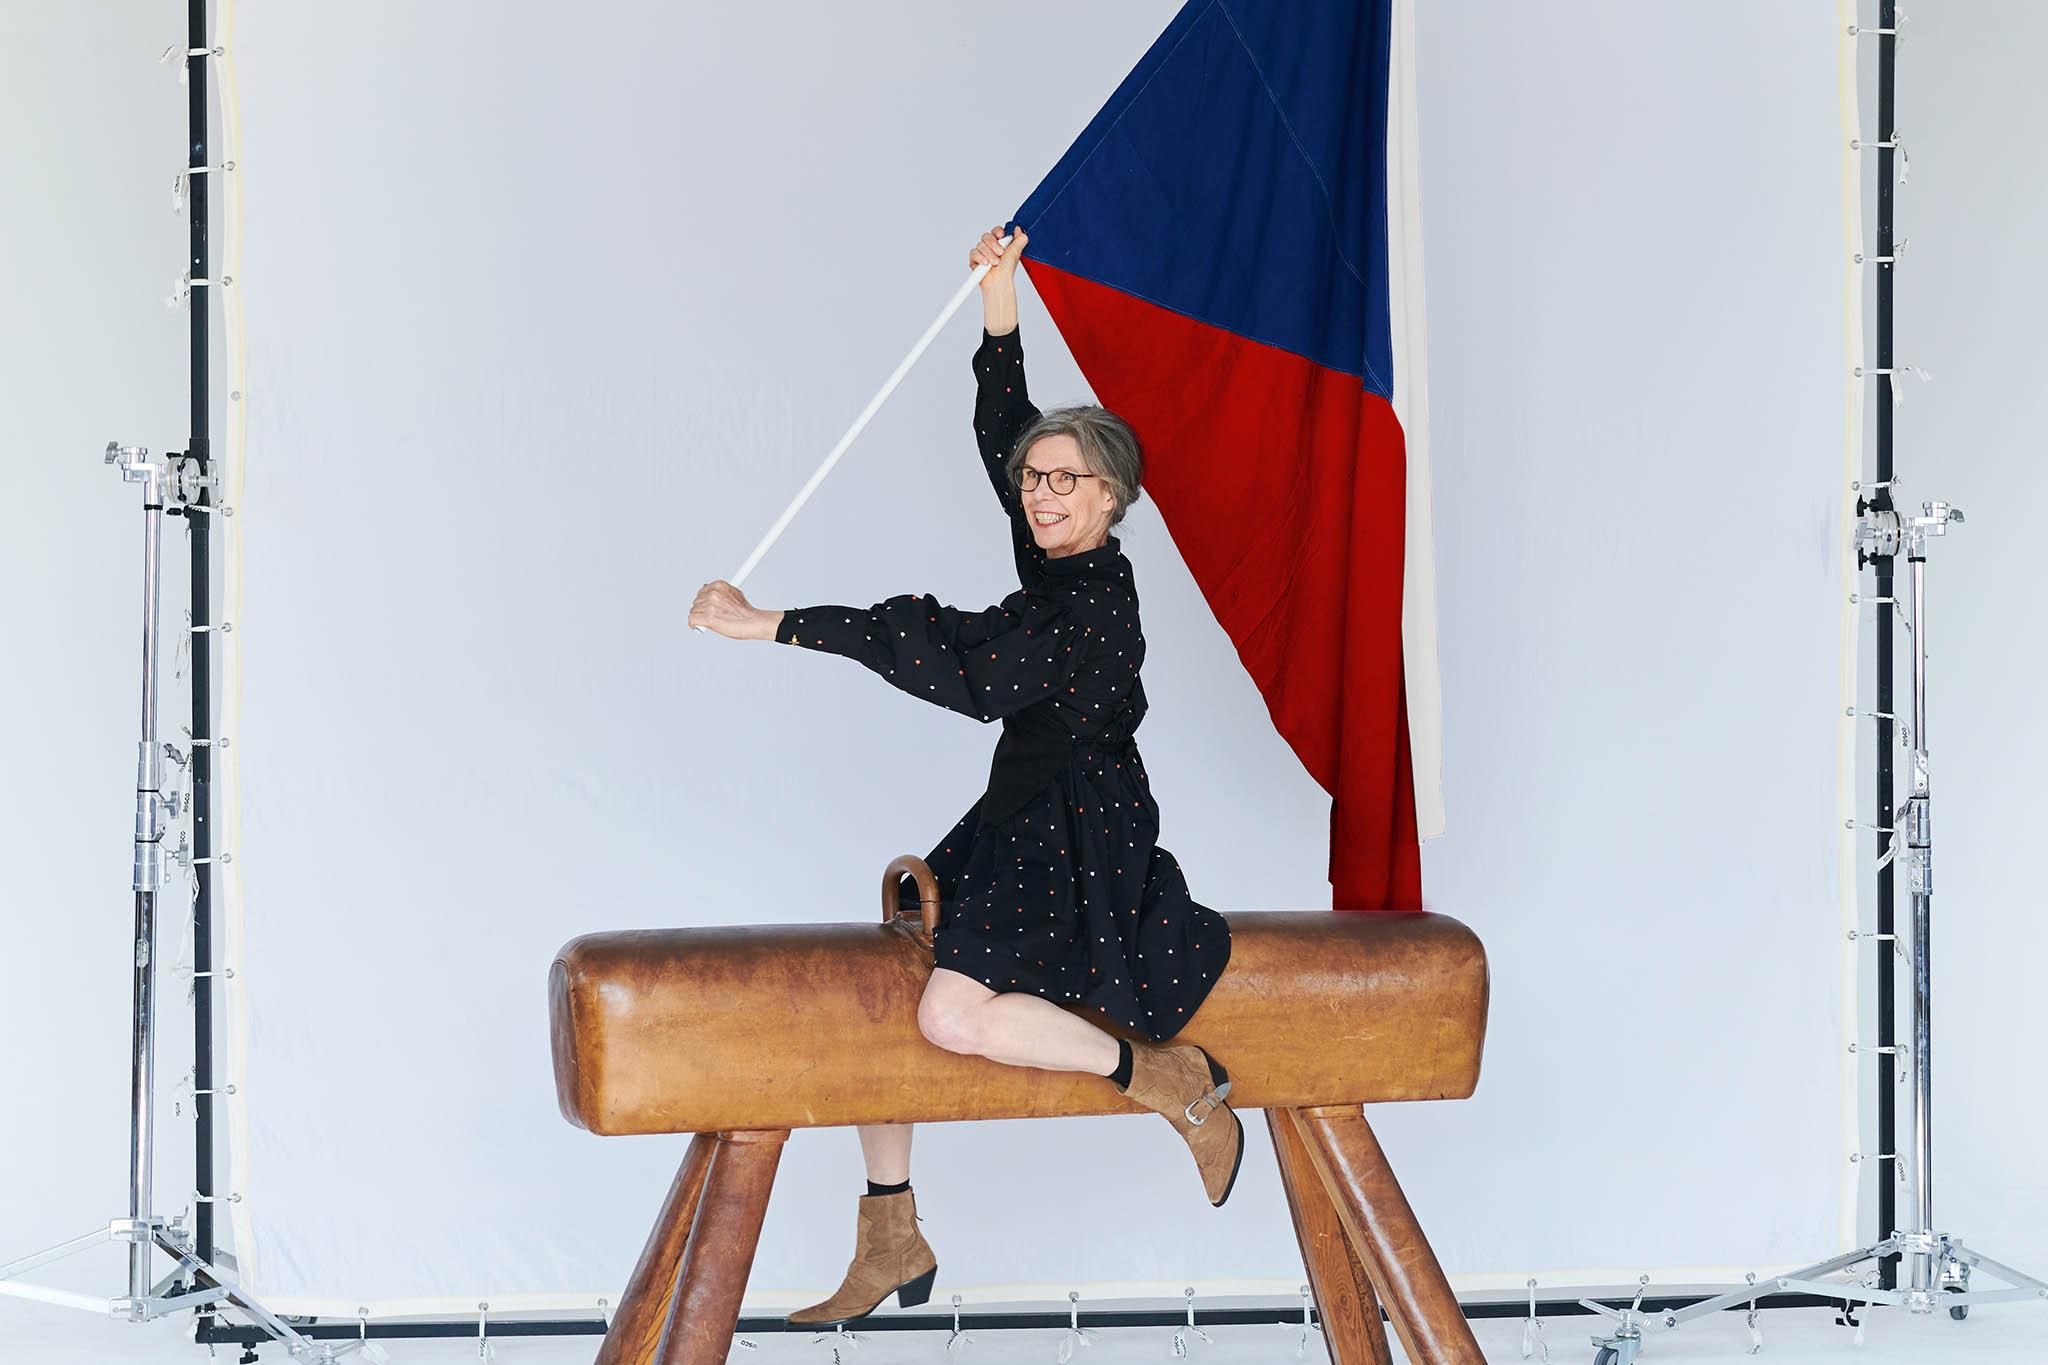 Výstava Česká radost propojuje český design a výtvarné umění. Instalace představí téměř 20 umělců a designérů.